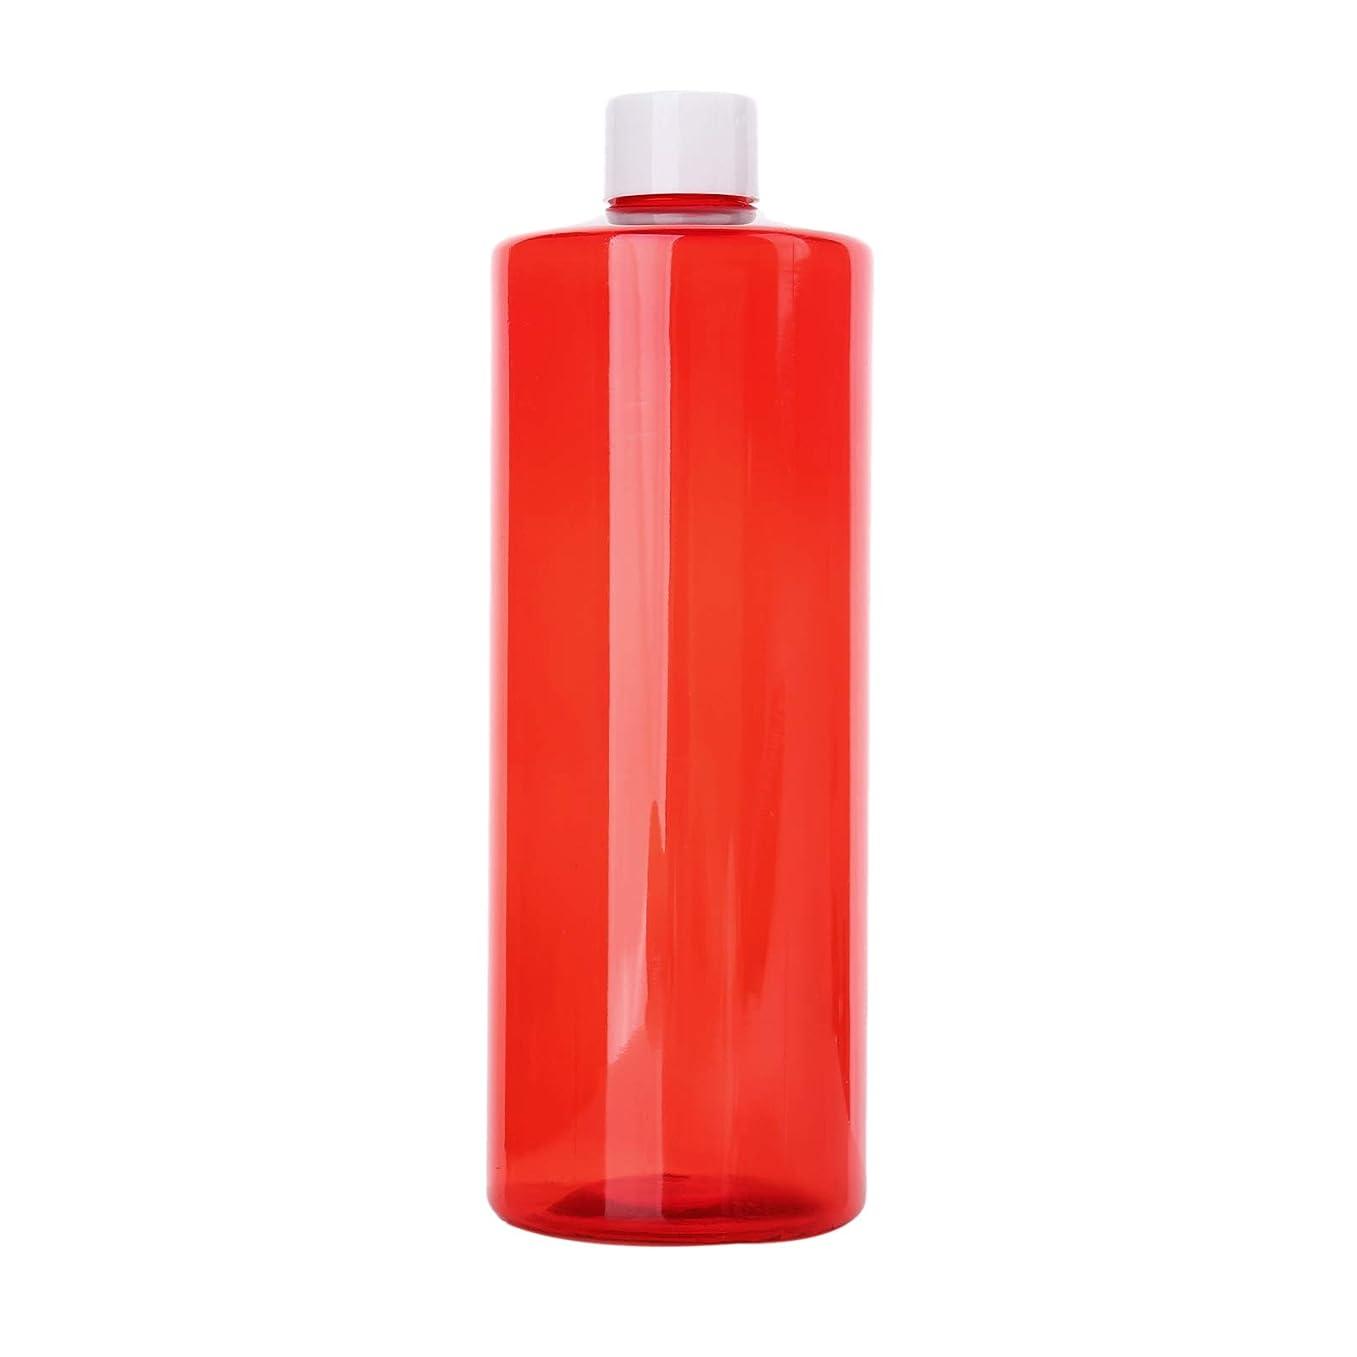 モルヒネ立場郵便屋さん1本 化粧品用 詰め替えボトル 詰め替え容器 大容量 500ml 中栓付き 使いやすい 化粧水用 シャンプー クリーム 貯蔵用 携帯用 空容器 おしゃれ 白ヘッド レッド